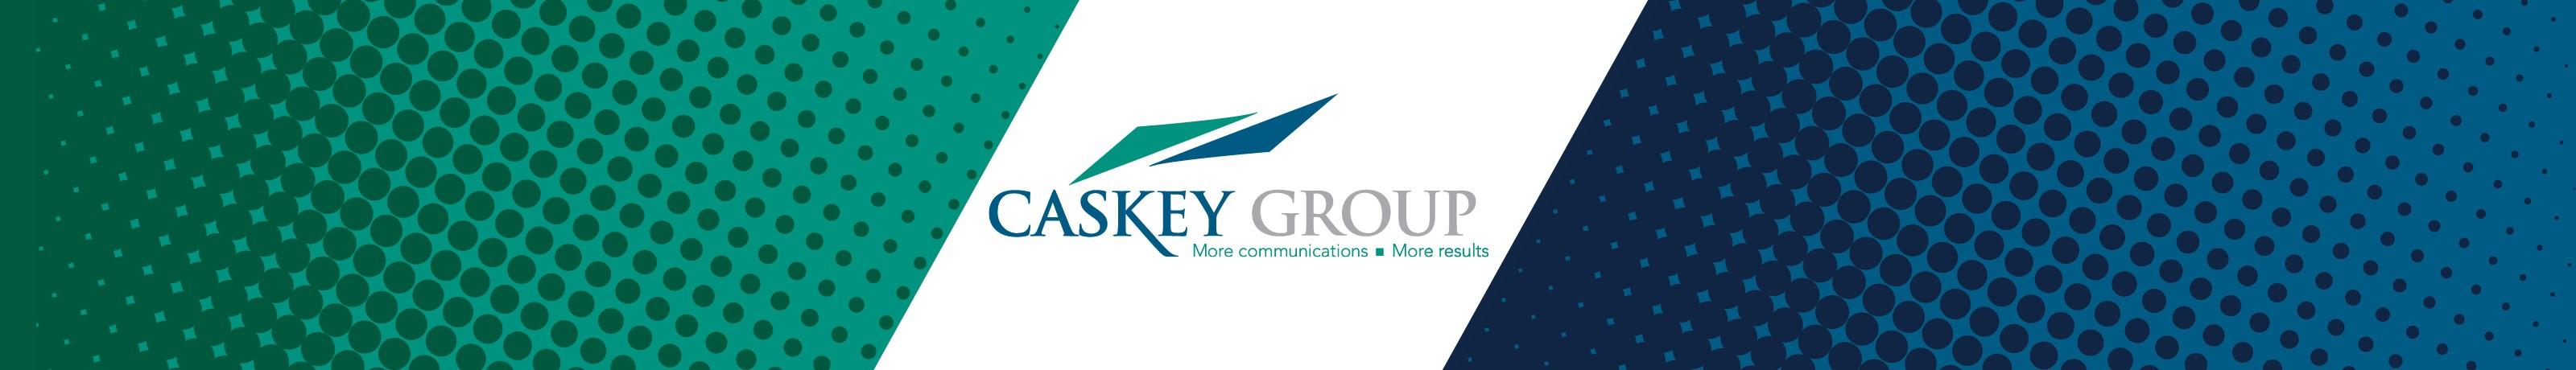 Caskey Group File Transfer